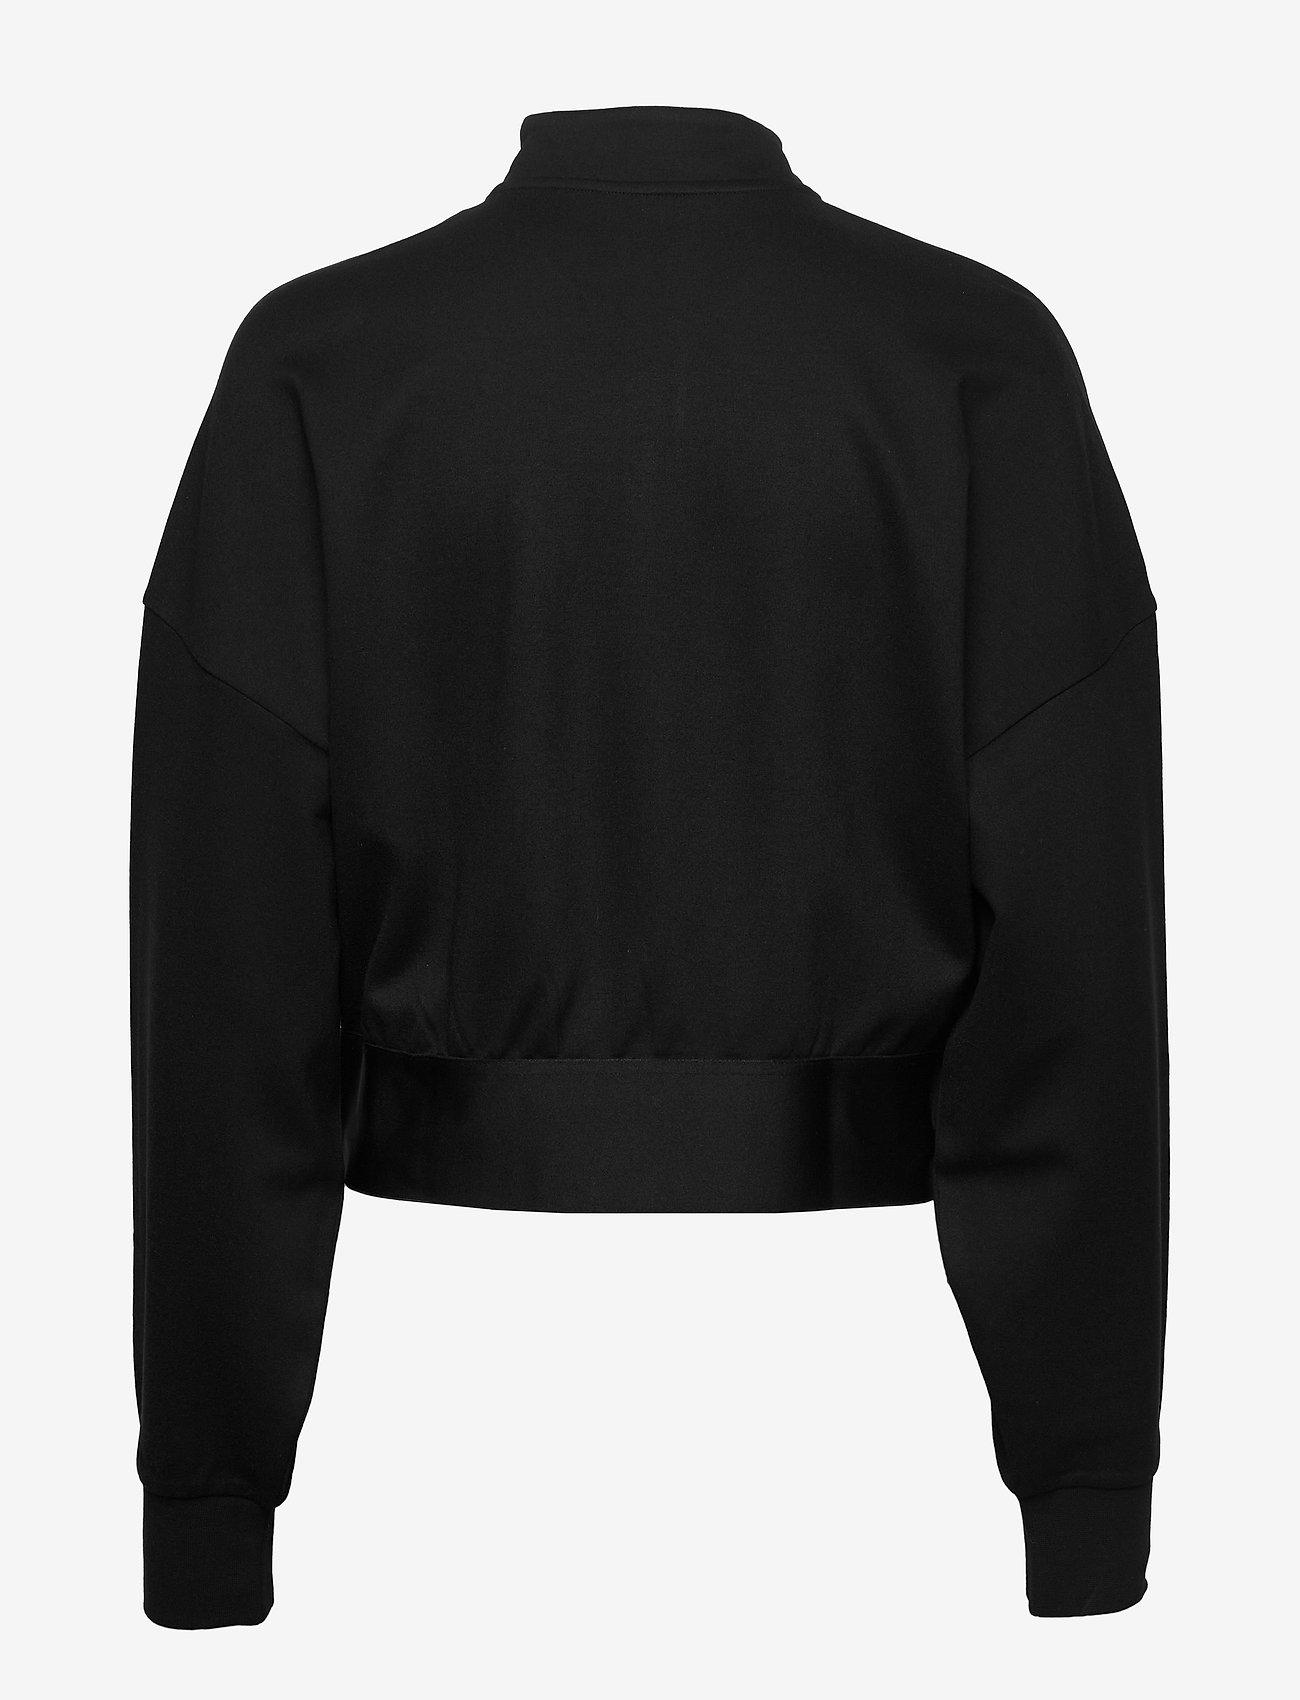 Calvin Klein Performance - 1/4 ZIP PULLOVER - crop tops - ck black - 1